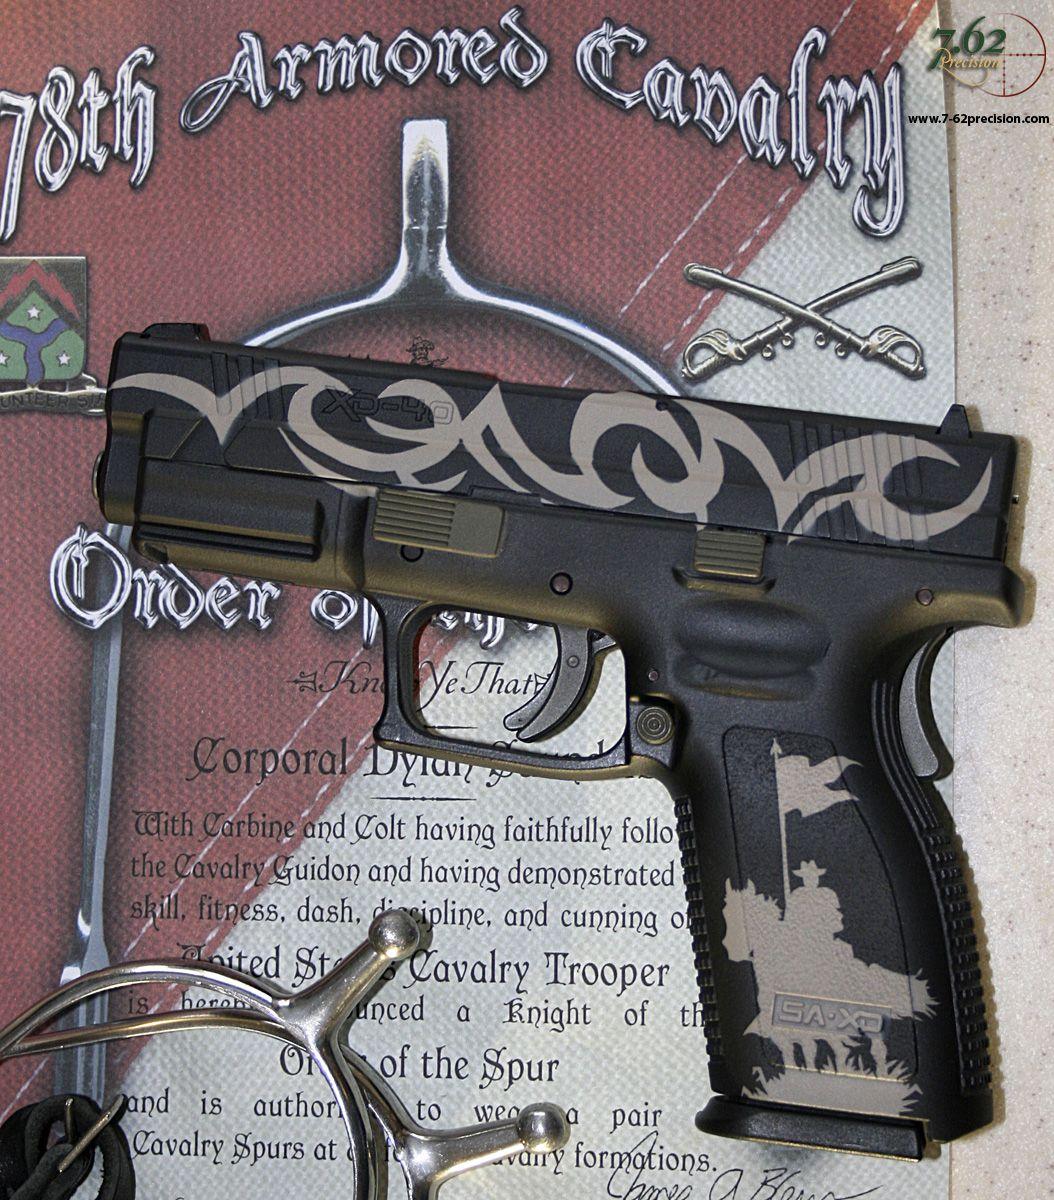 Cavalry Pistol Springfield Xd   Precision  Gun Finishes